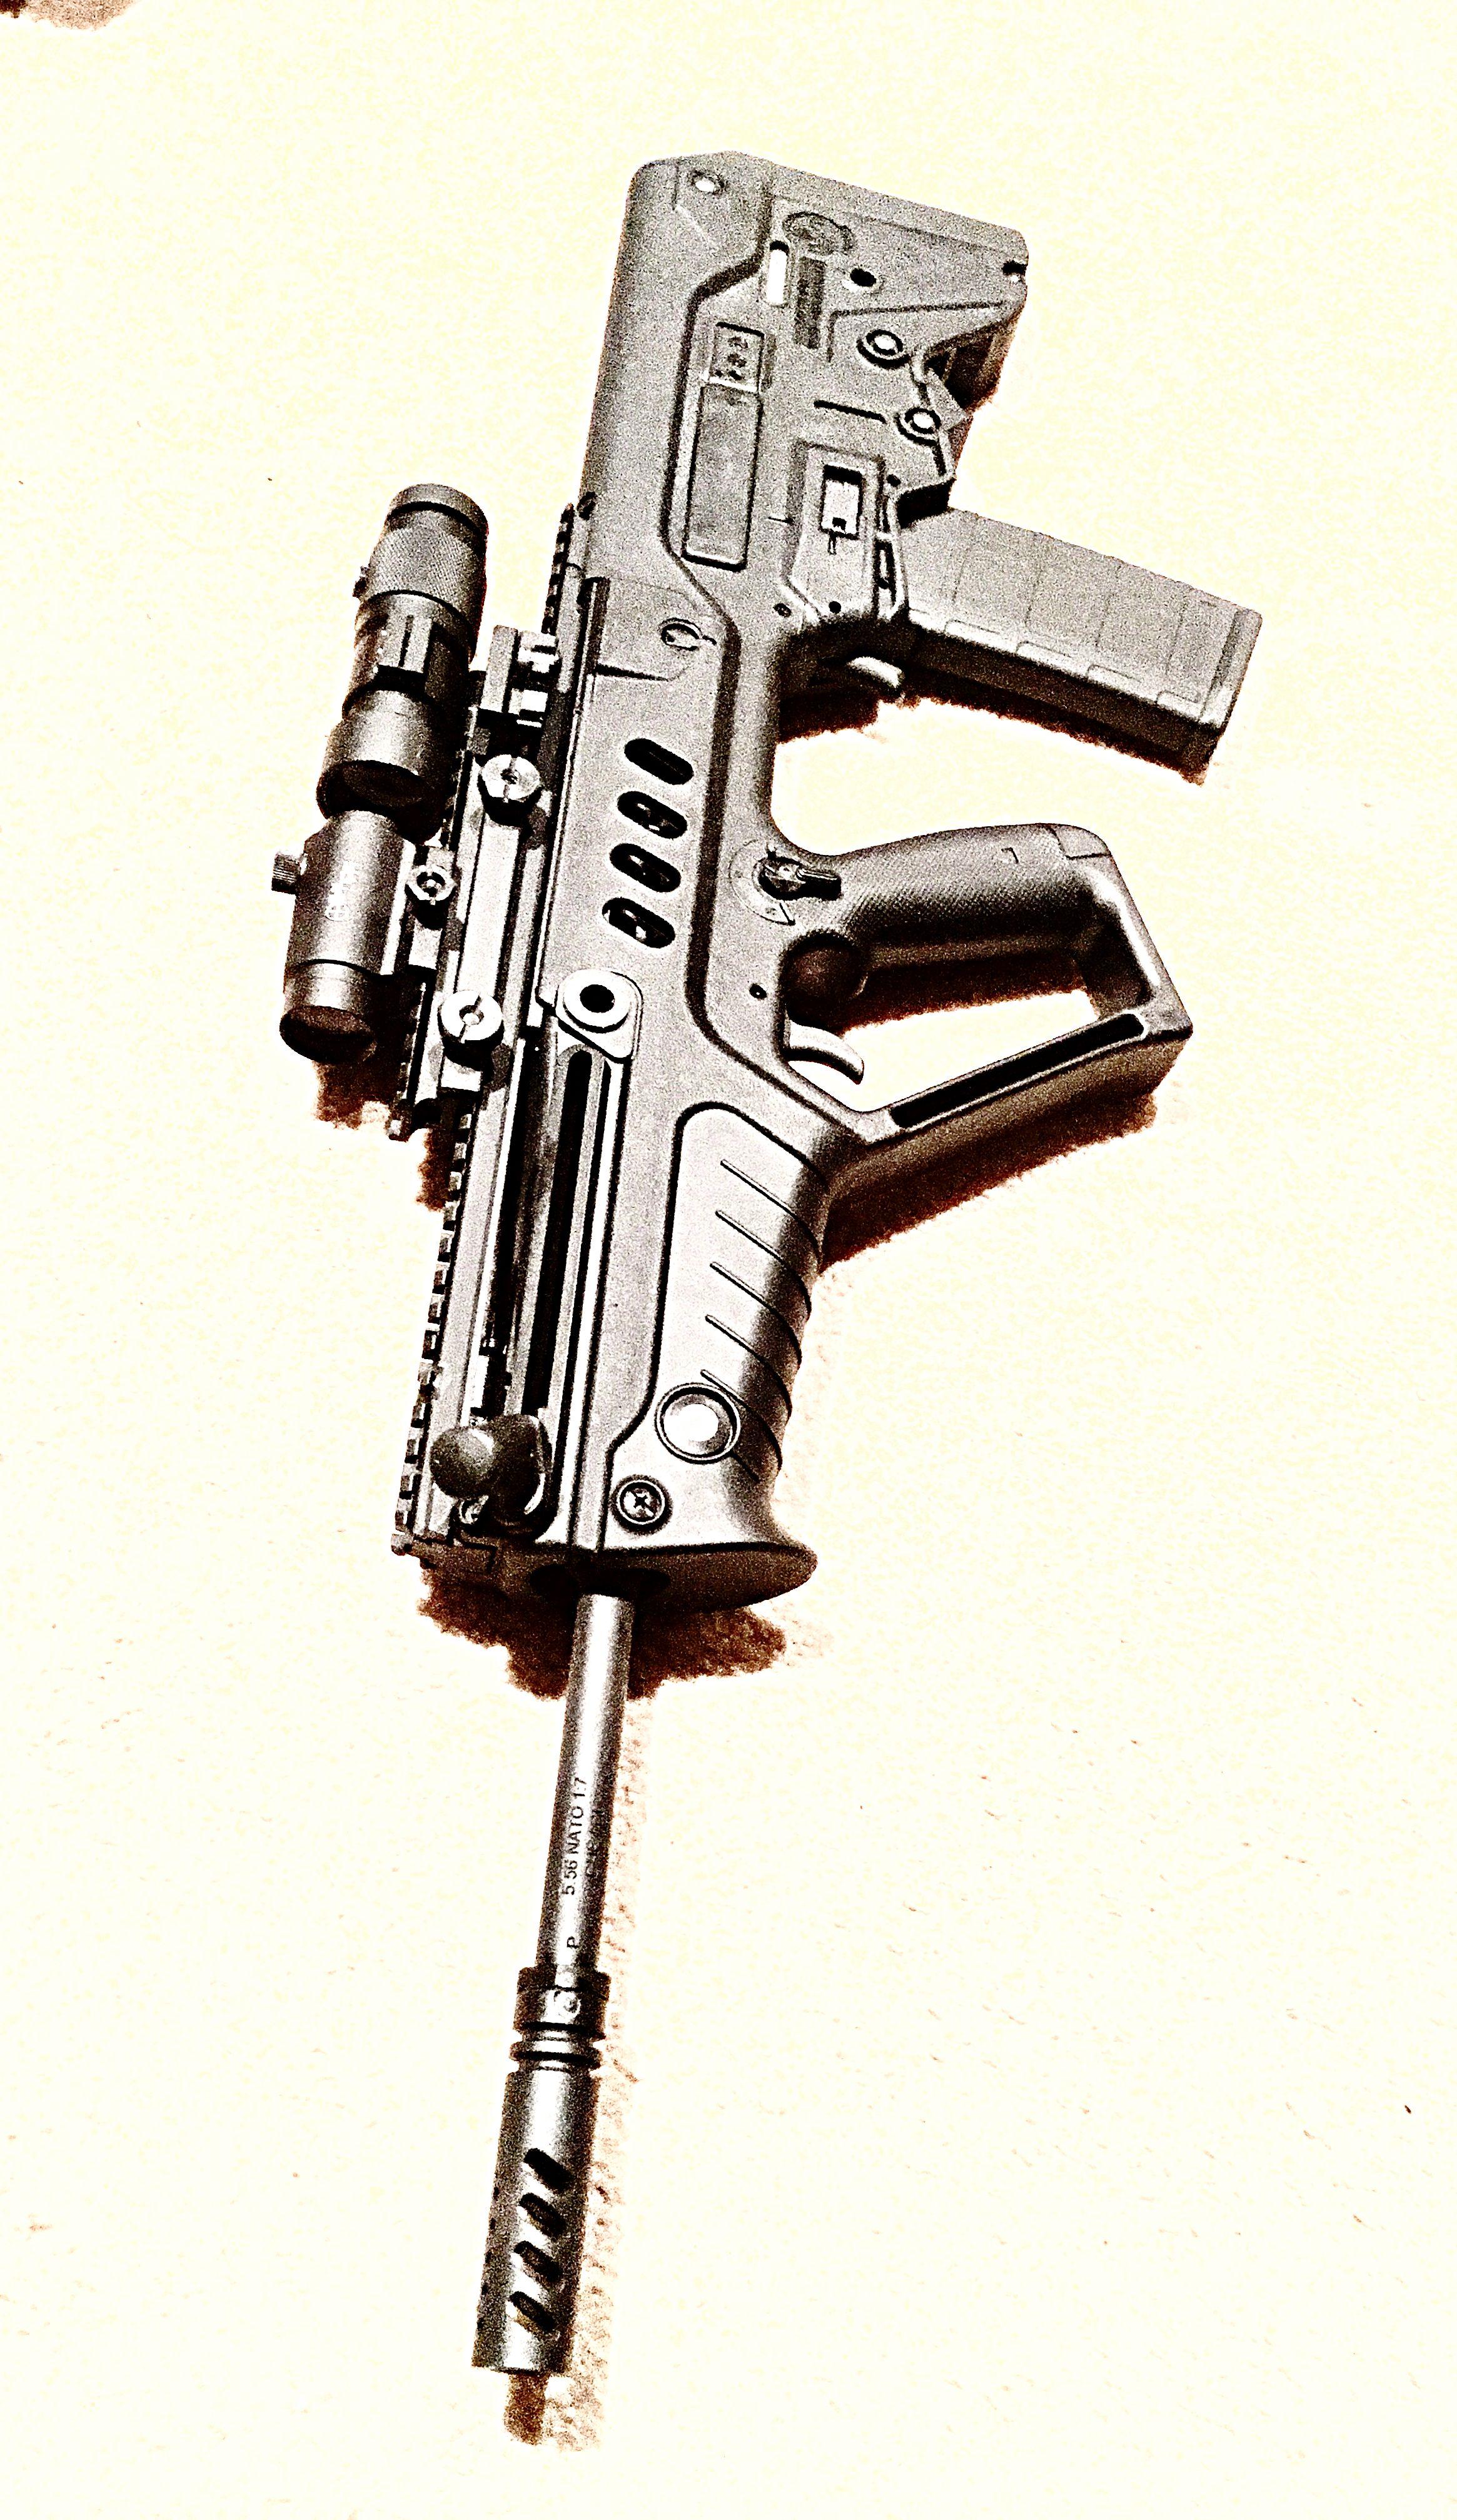 Pin by Rob on Guns Guns